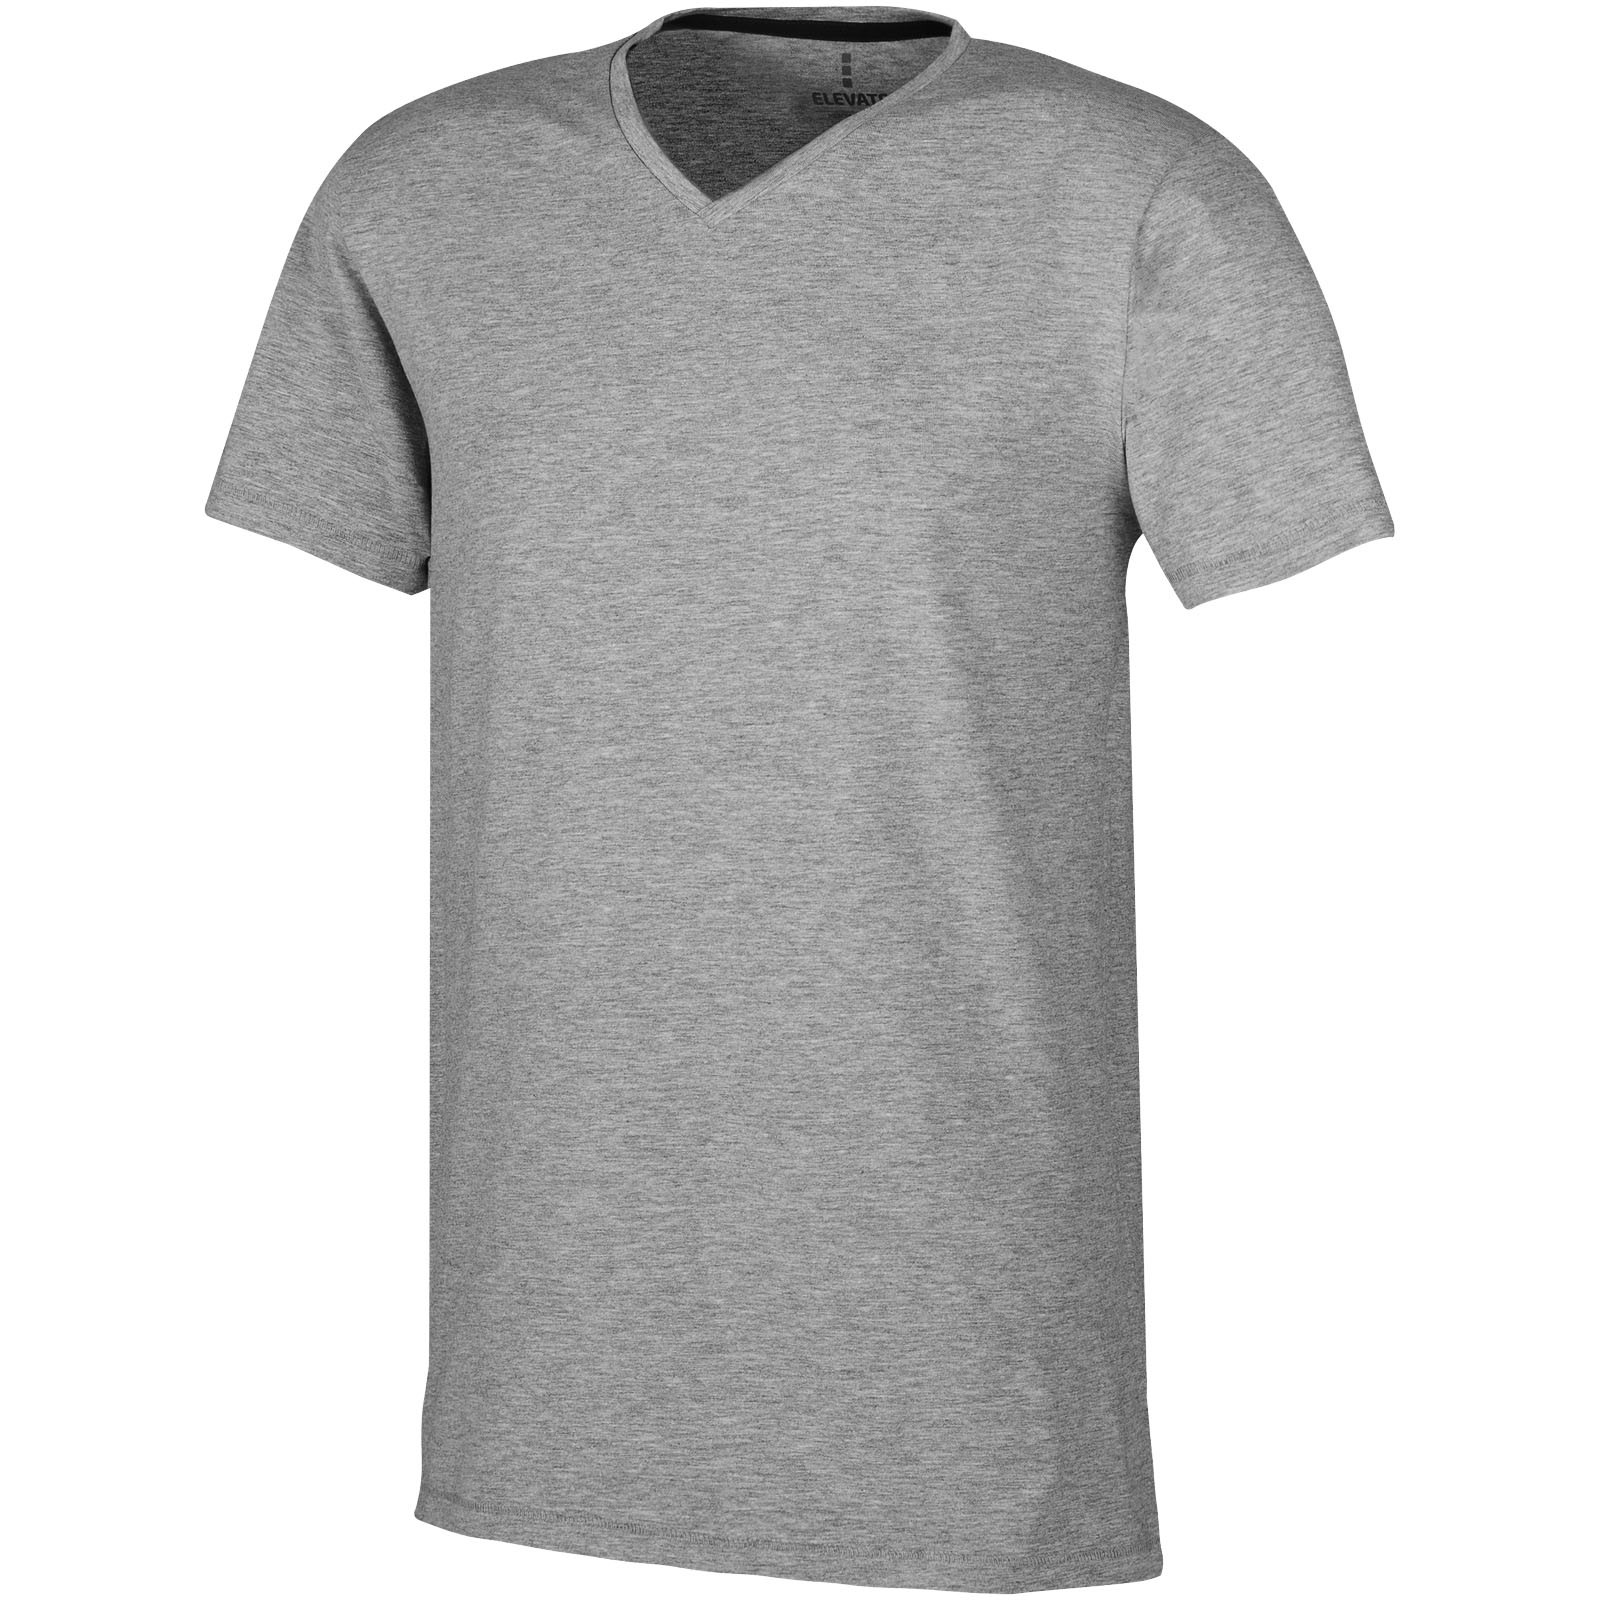 Pánské triko Kawartha s krátkým rukávem, organická bavlna - Šedá melanže / XS